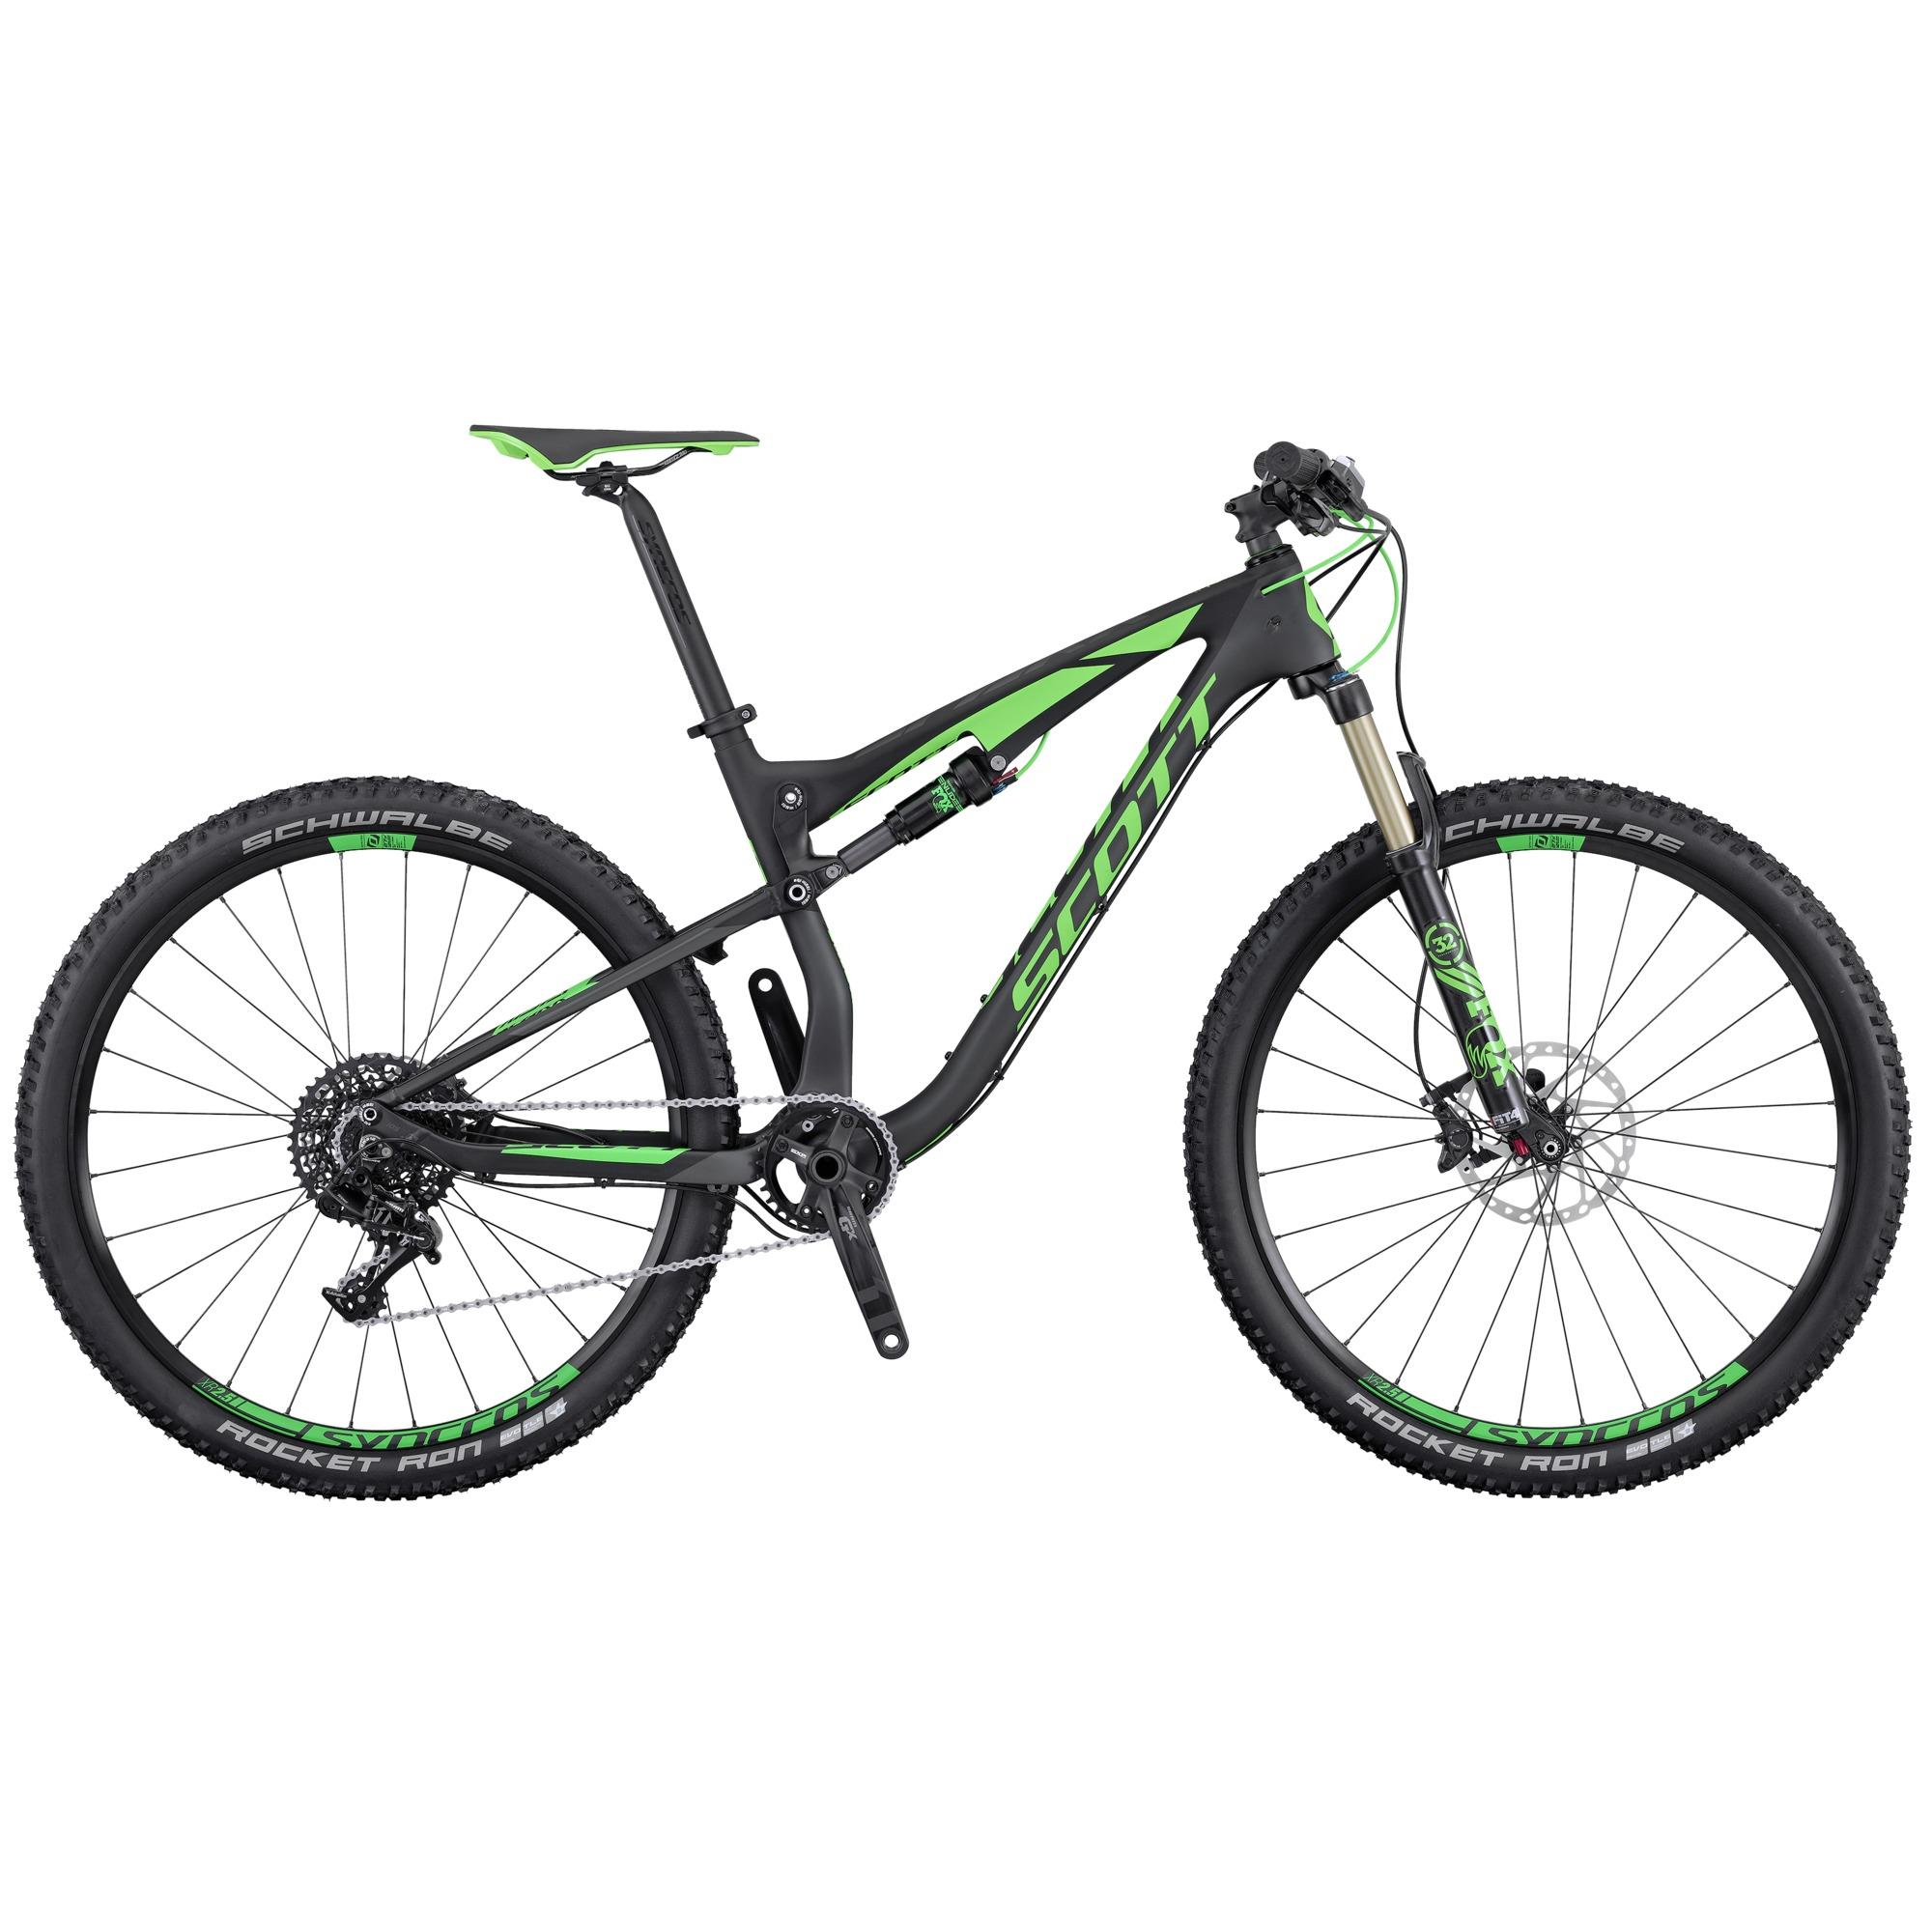 2016 Scott Spark 920 Full Suspension XC Mountain Bike £2 999 00